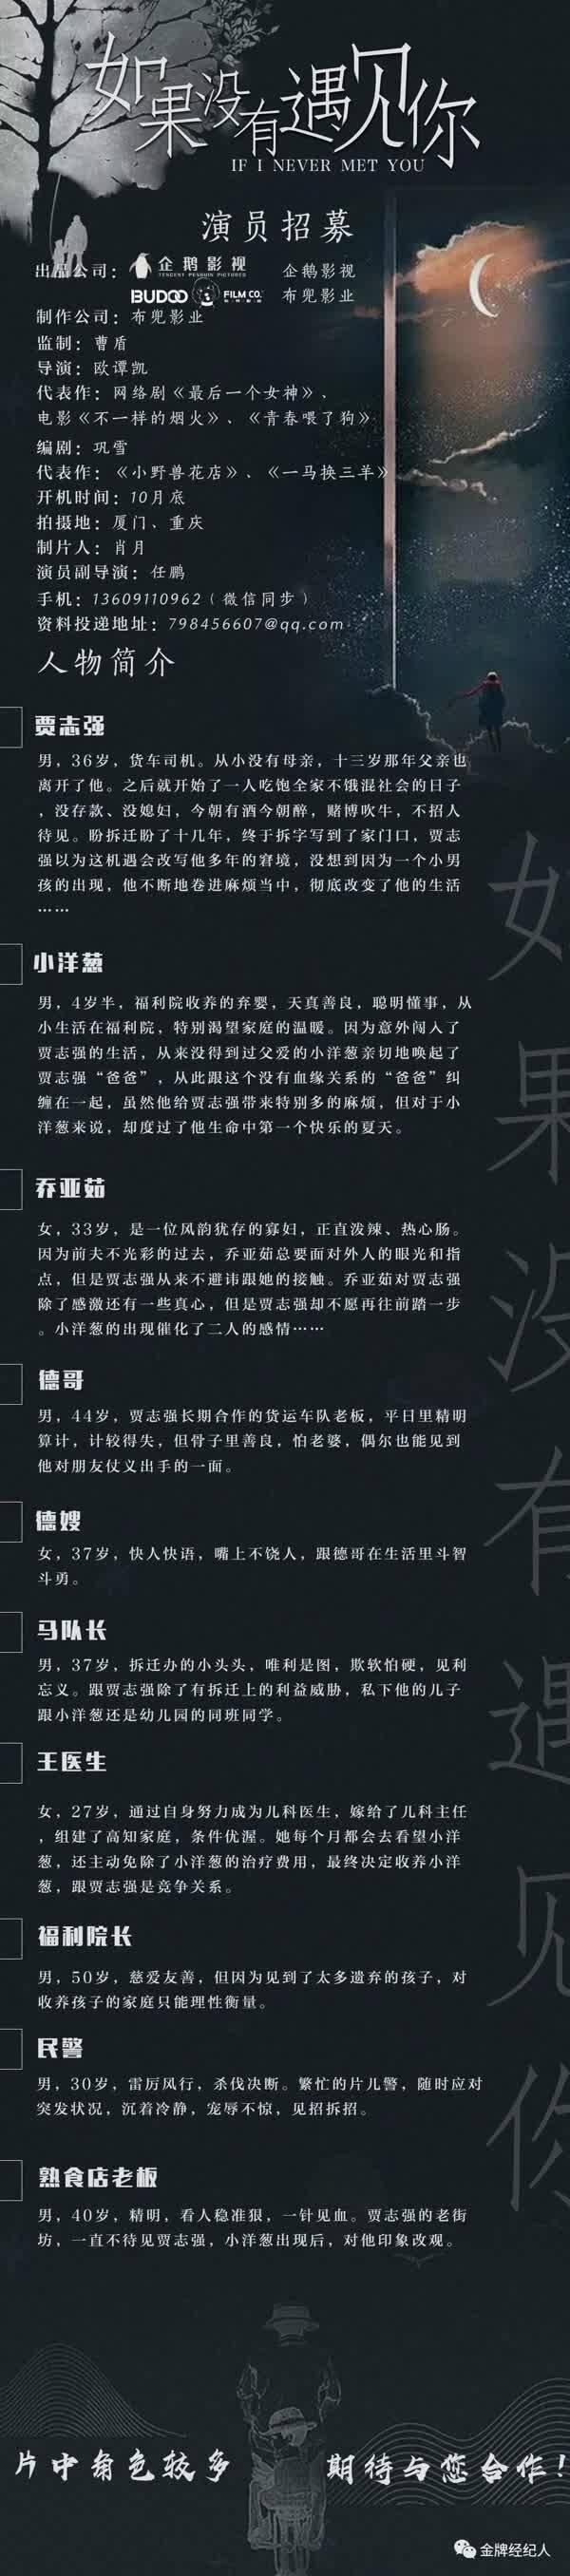 今日组讯丨古装武侠巨制《月上重火》,爱奇艺出品网剧《恋恋江湖》